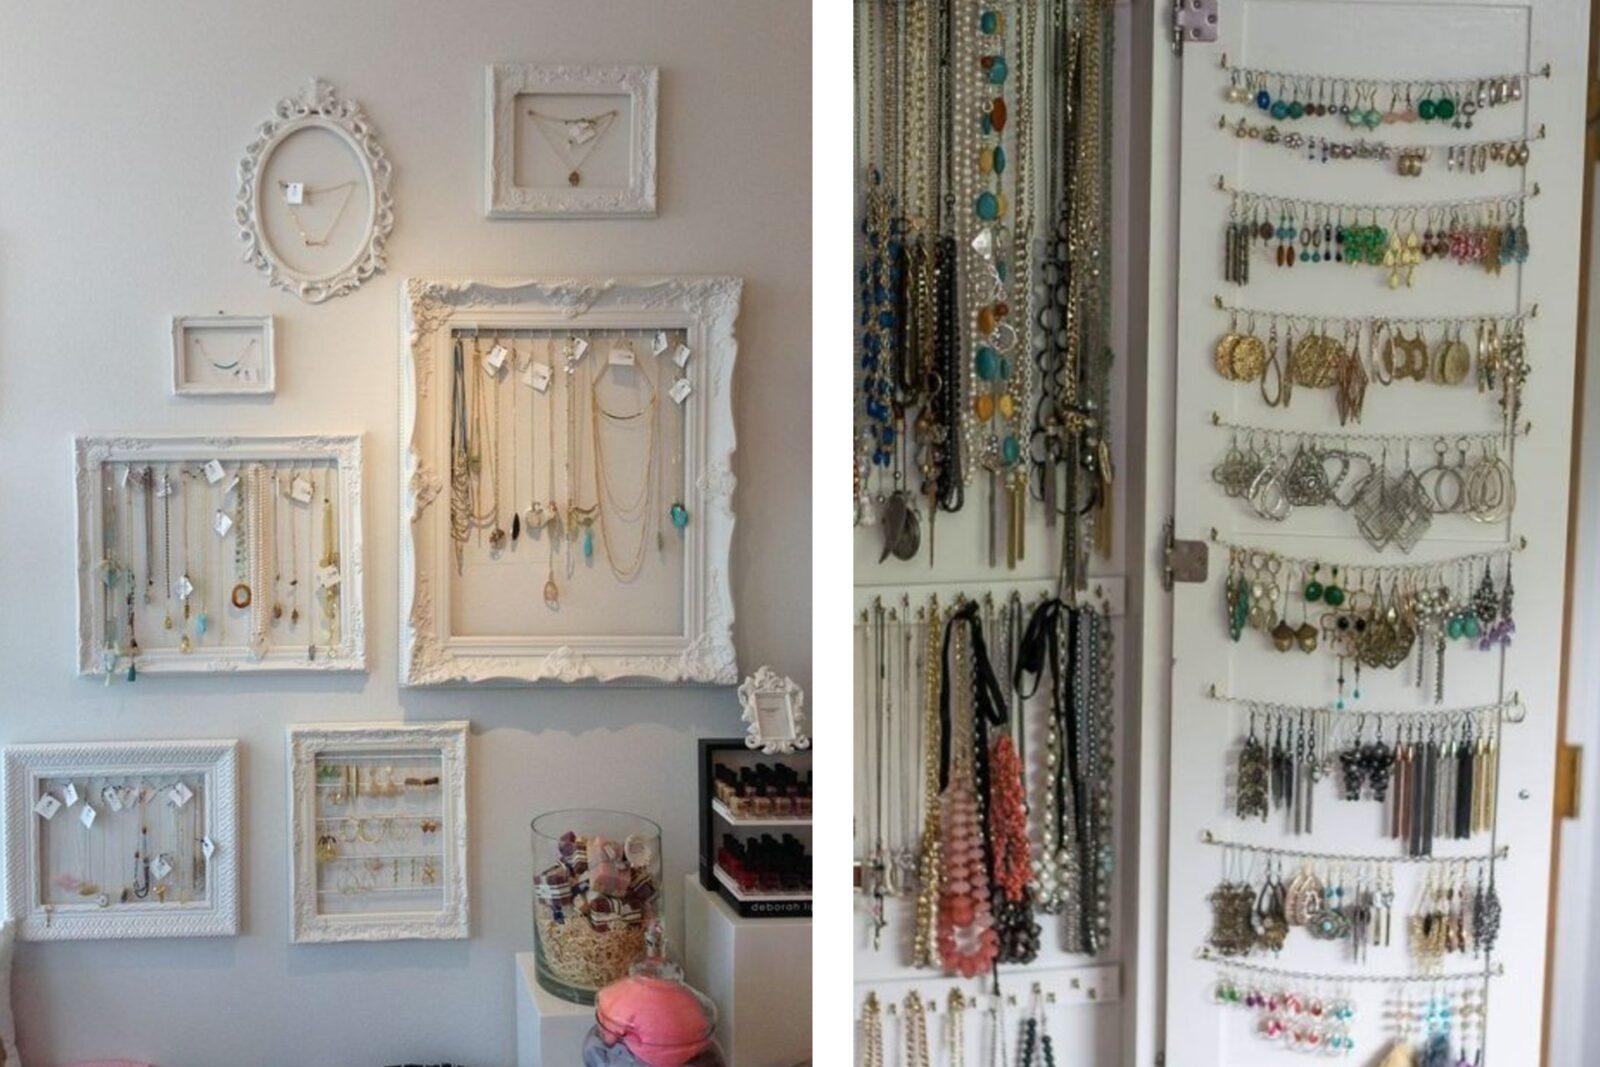 Legno Idee Fai Da Te porta gioielli fai da te: tante idee tutte da copiare!